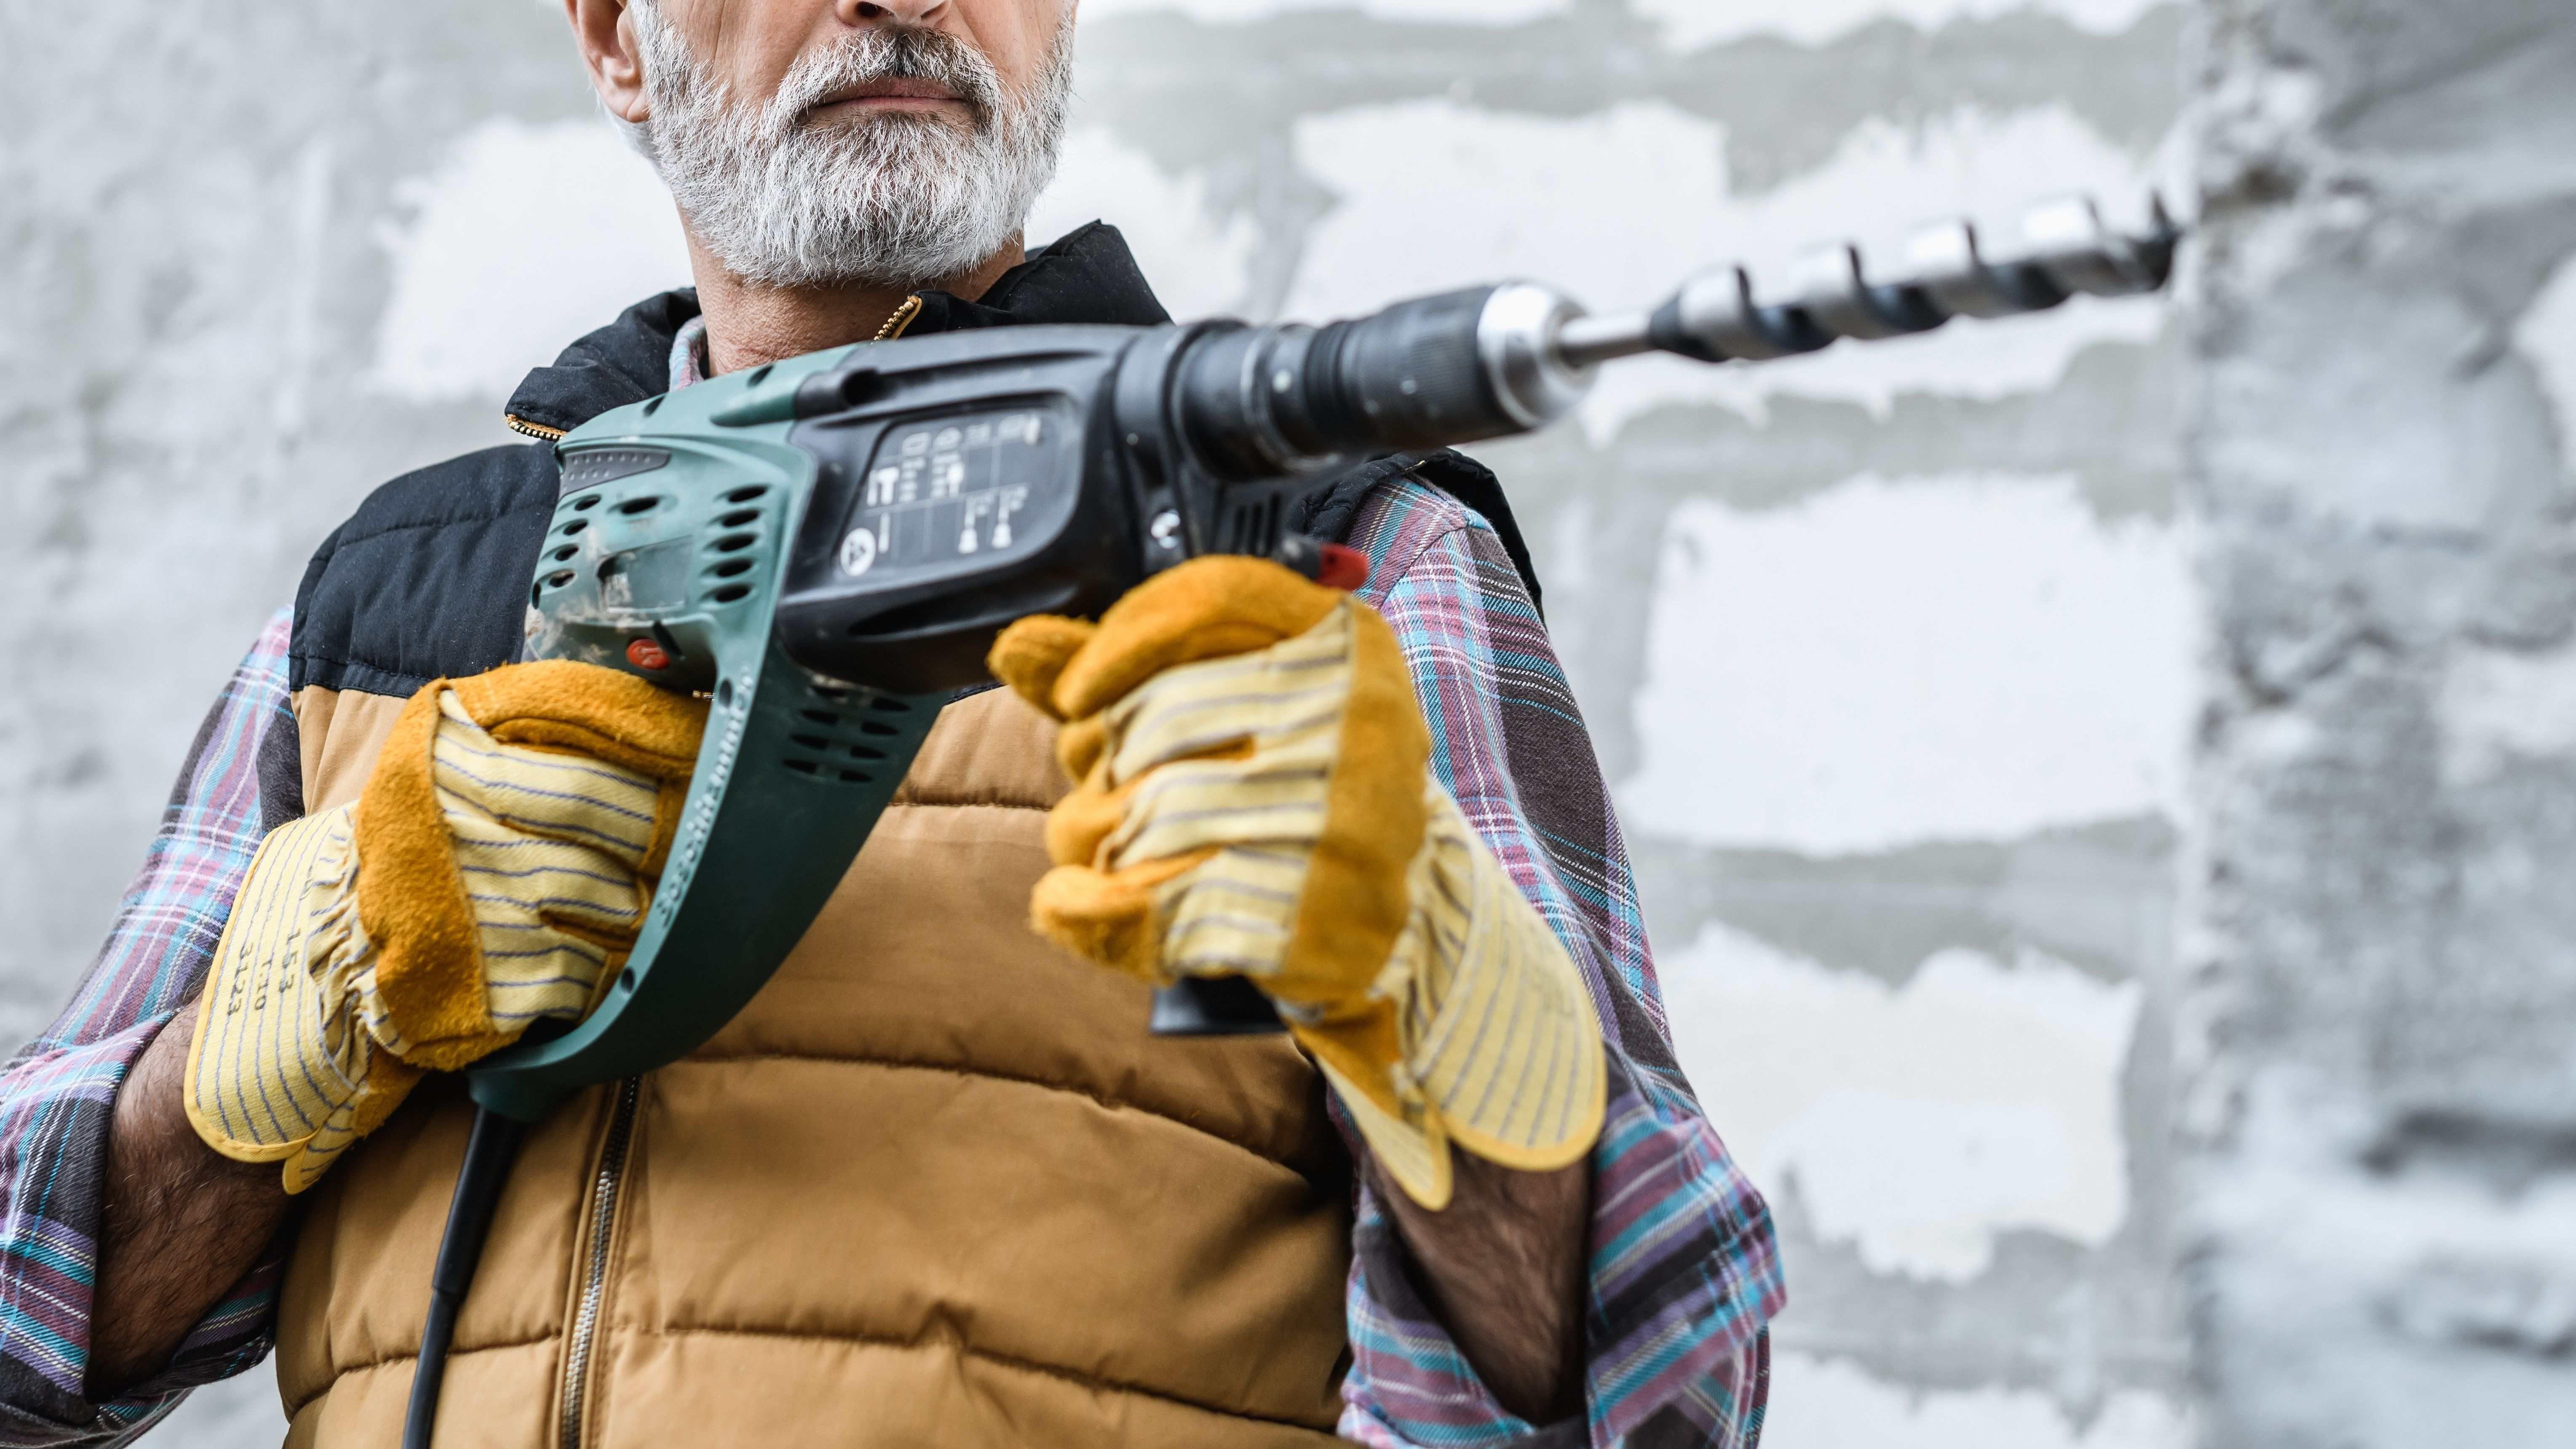 Come scegliere gli accessori per martelli perforatori?